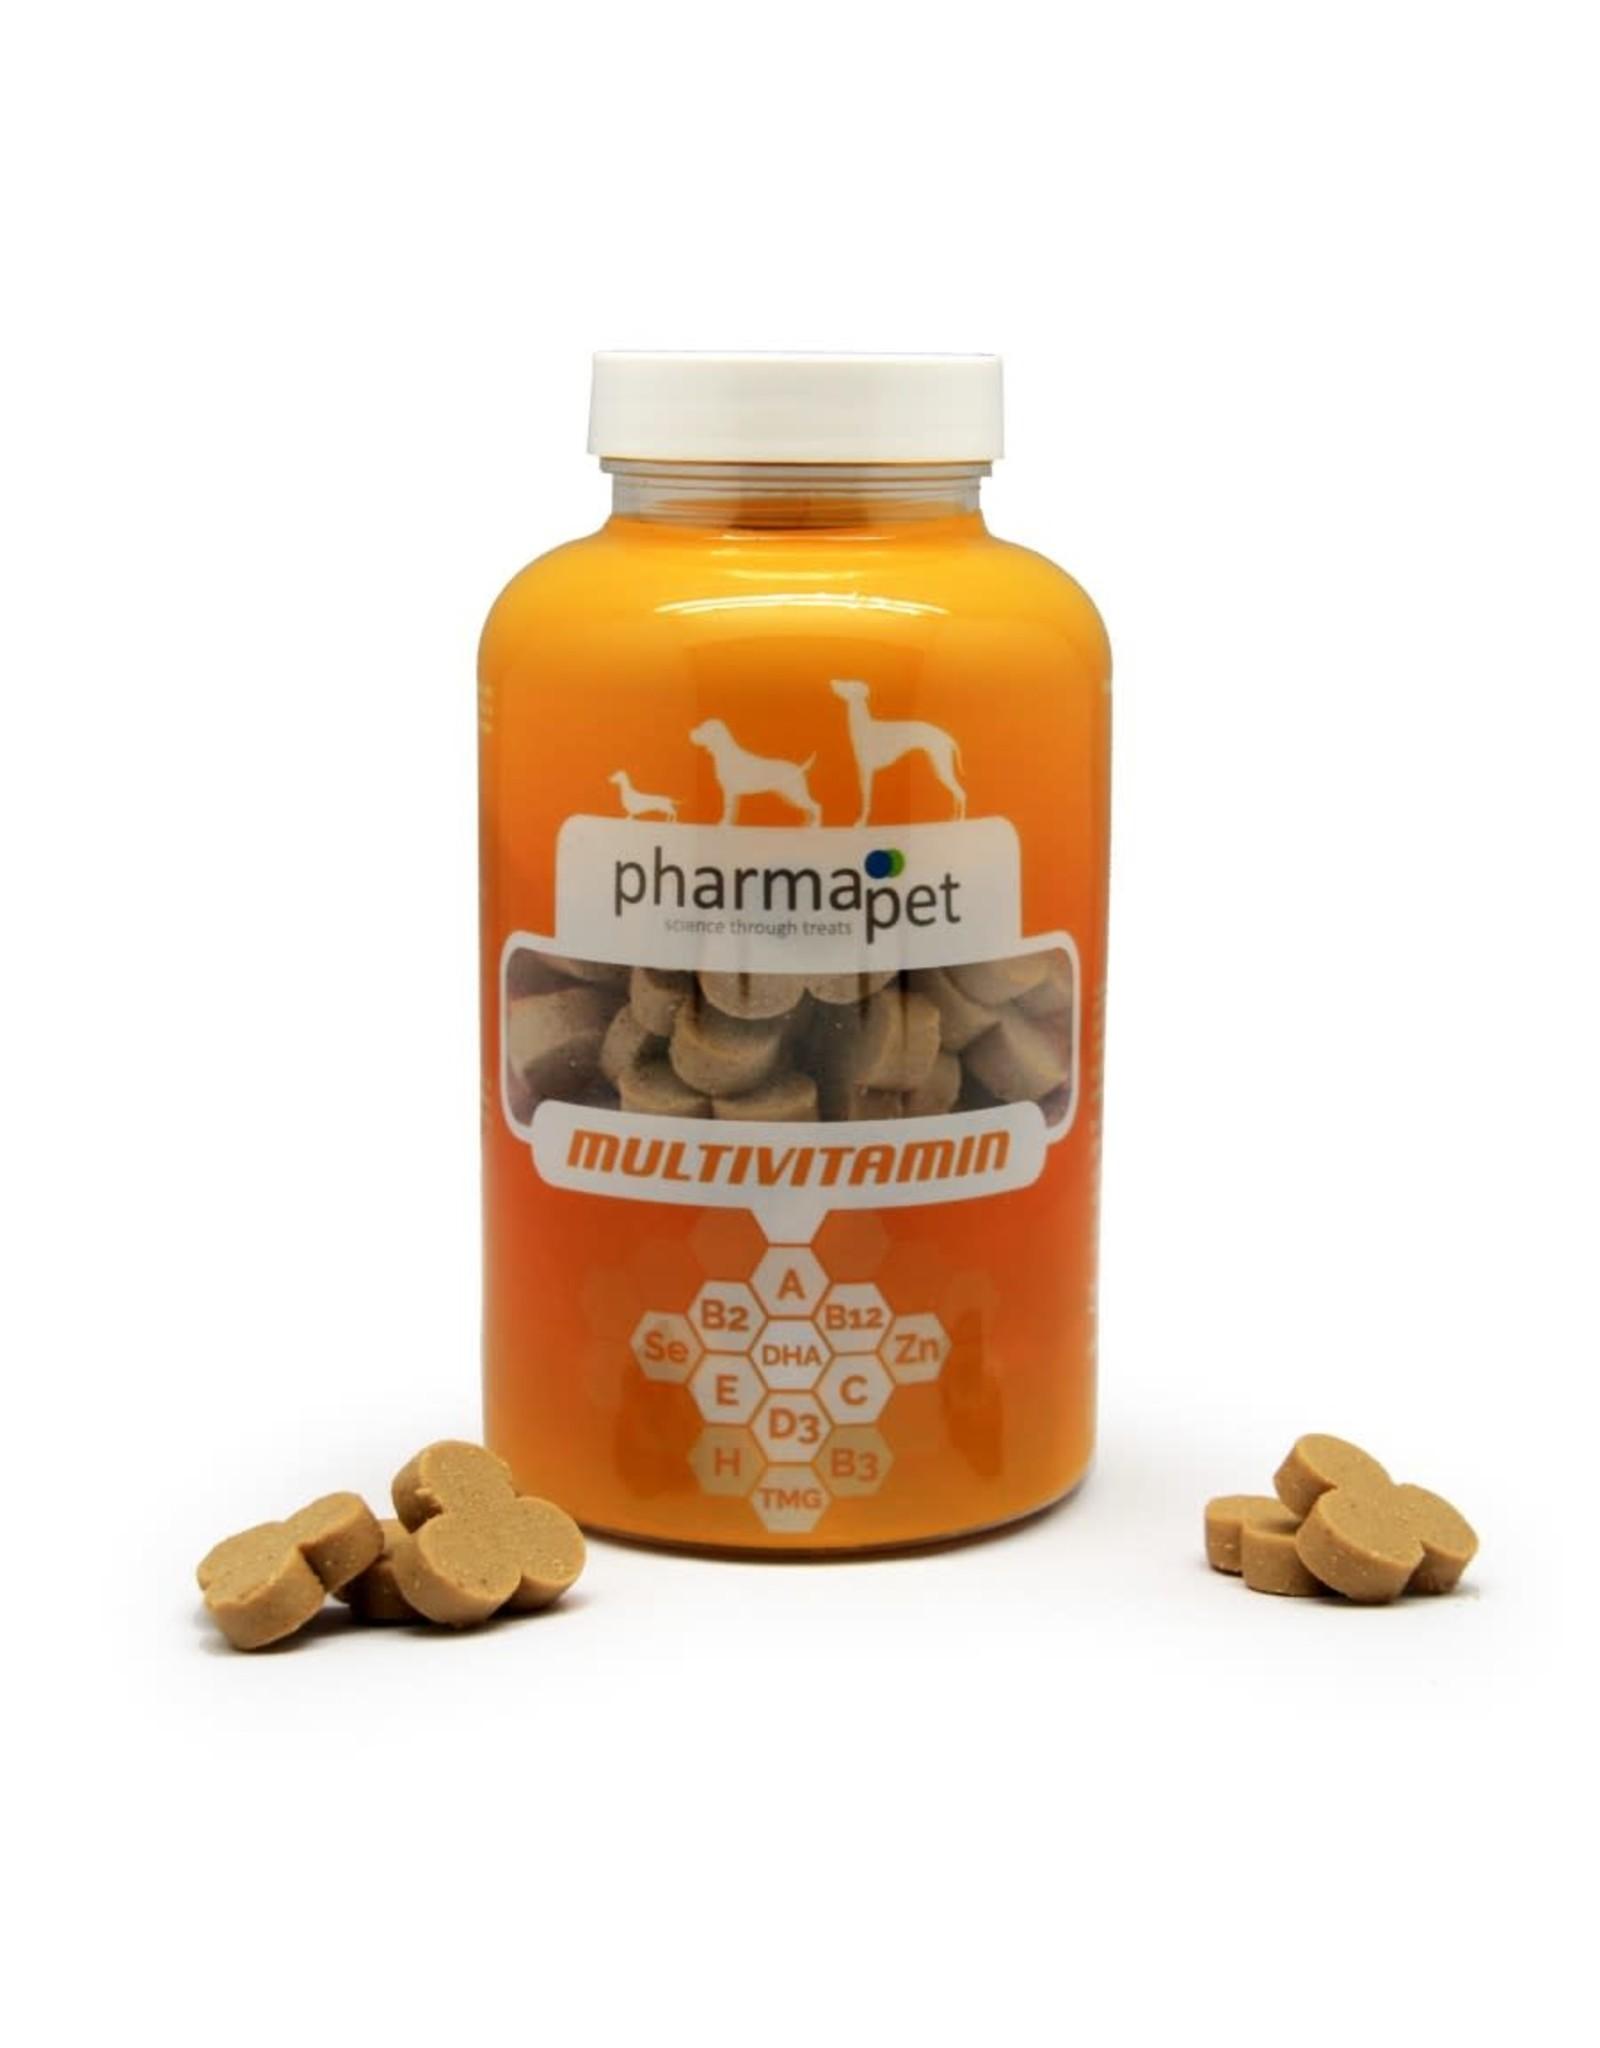 Pharmapet PharmaPet Multivitaminen